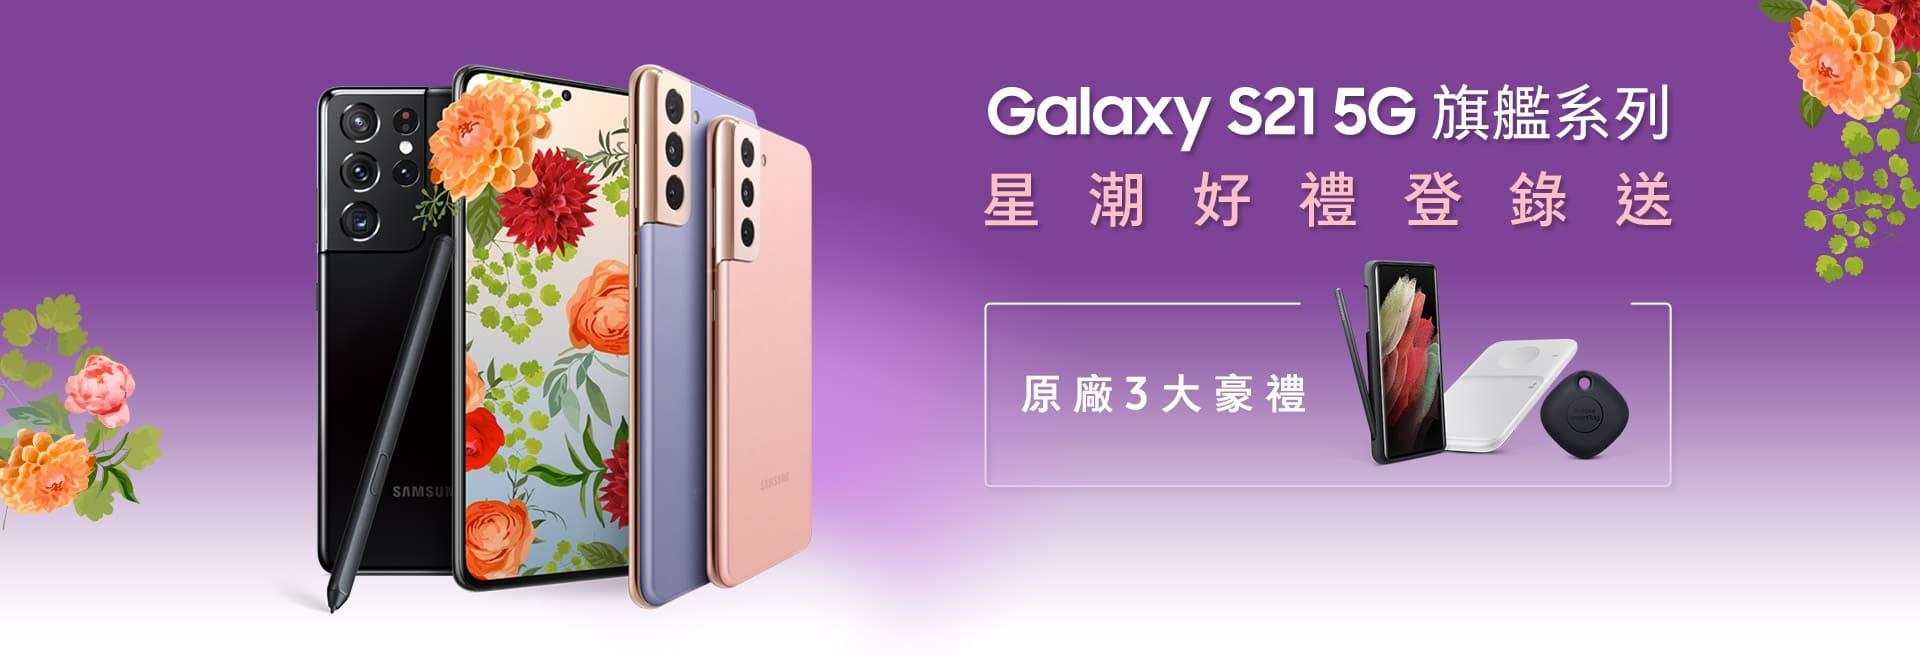 Galaxy S21 5G旗艦系列 星潮好禮登錄送